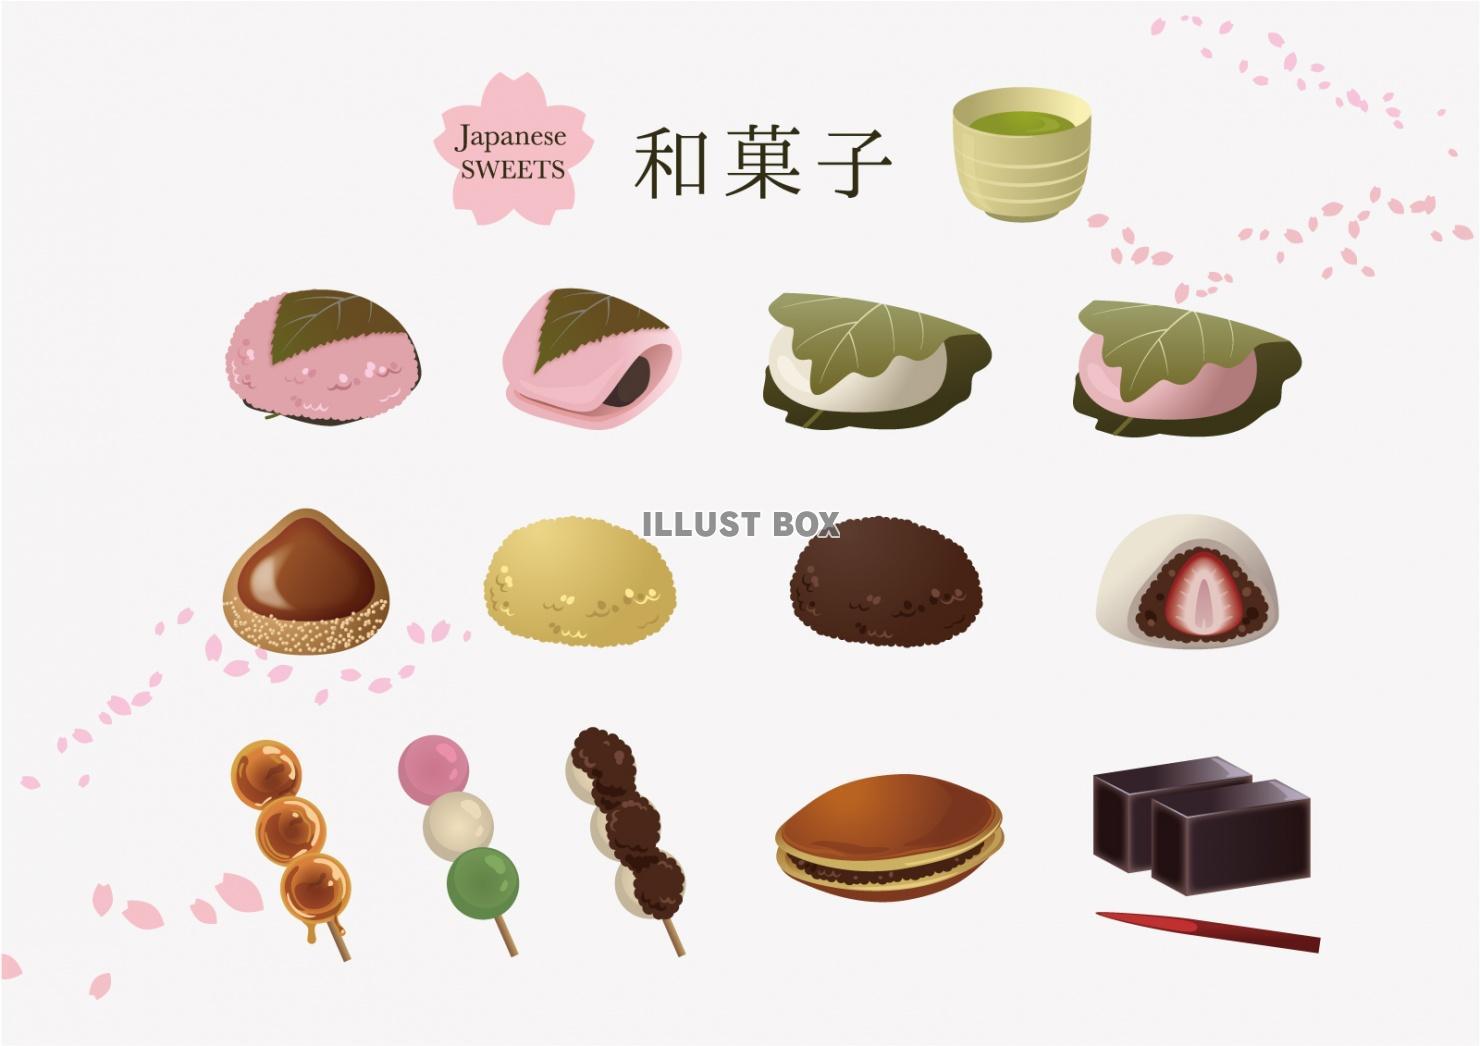 お菓子歯科素材com歯医者さん向け無料イラスト